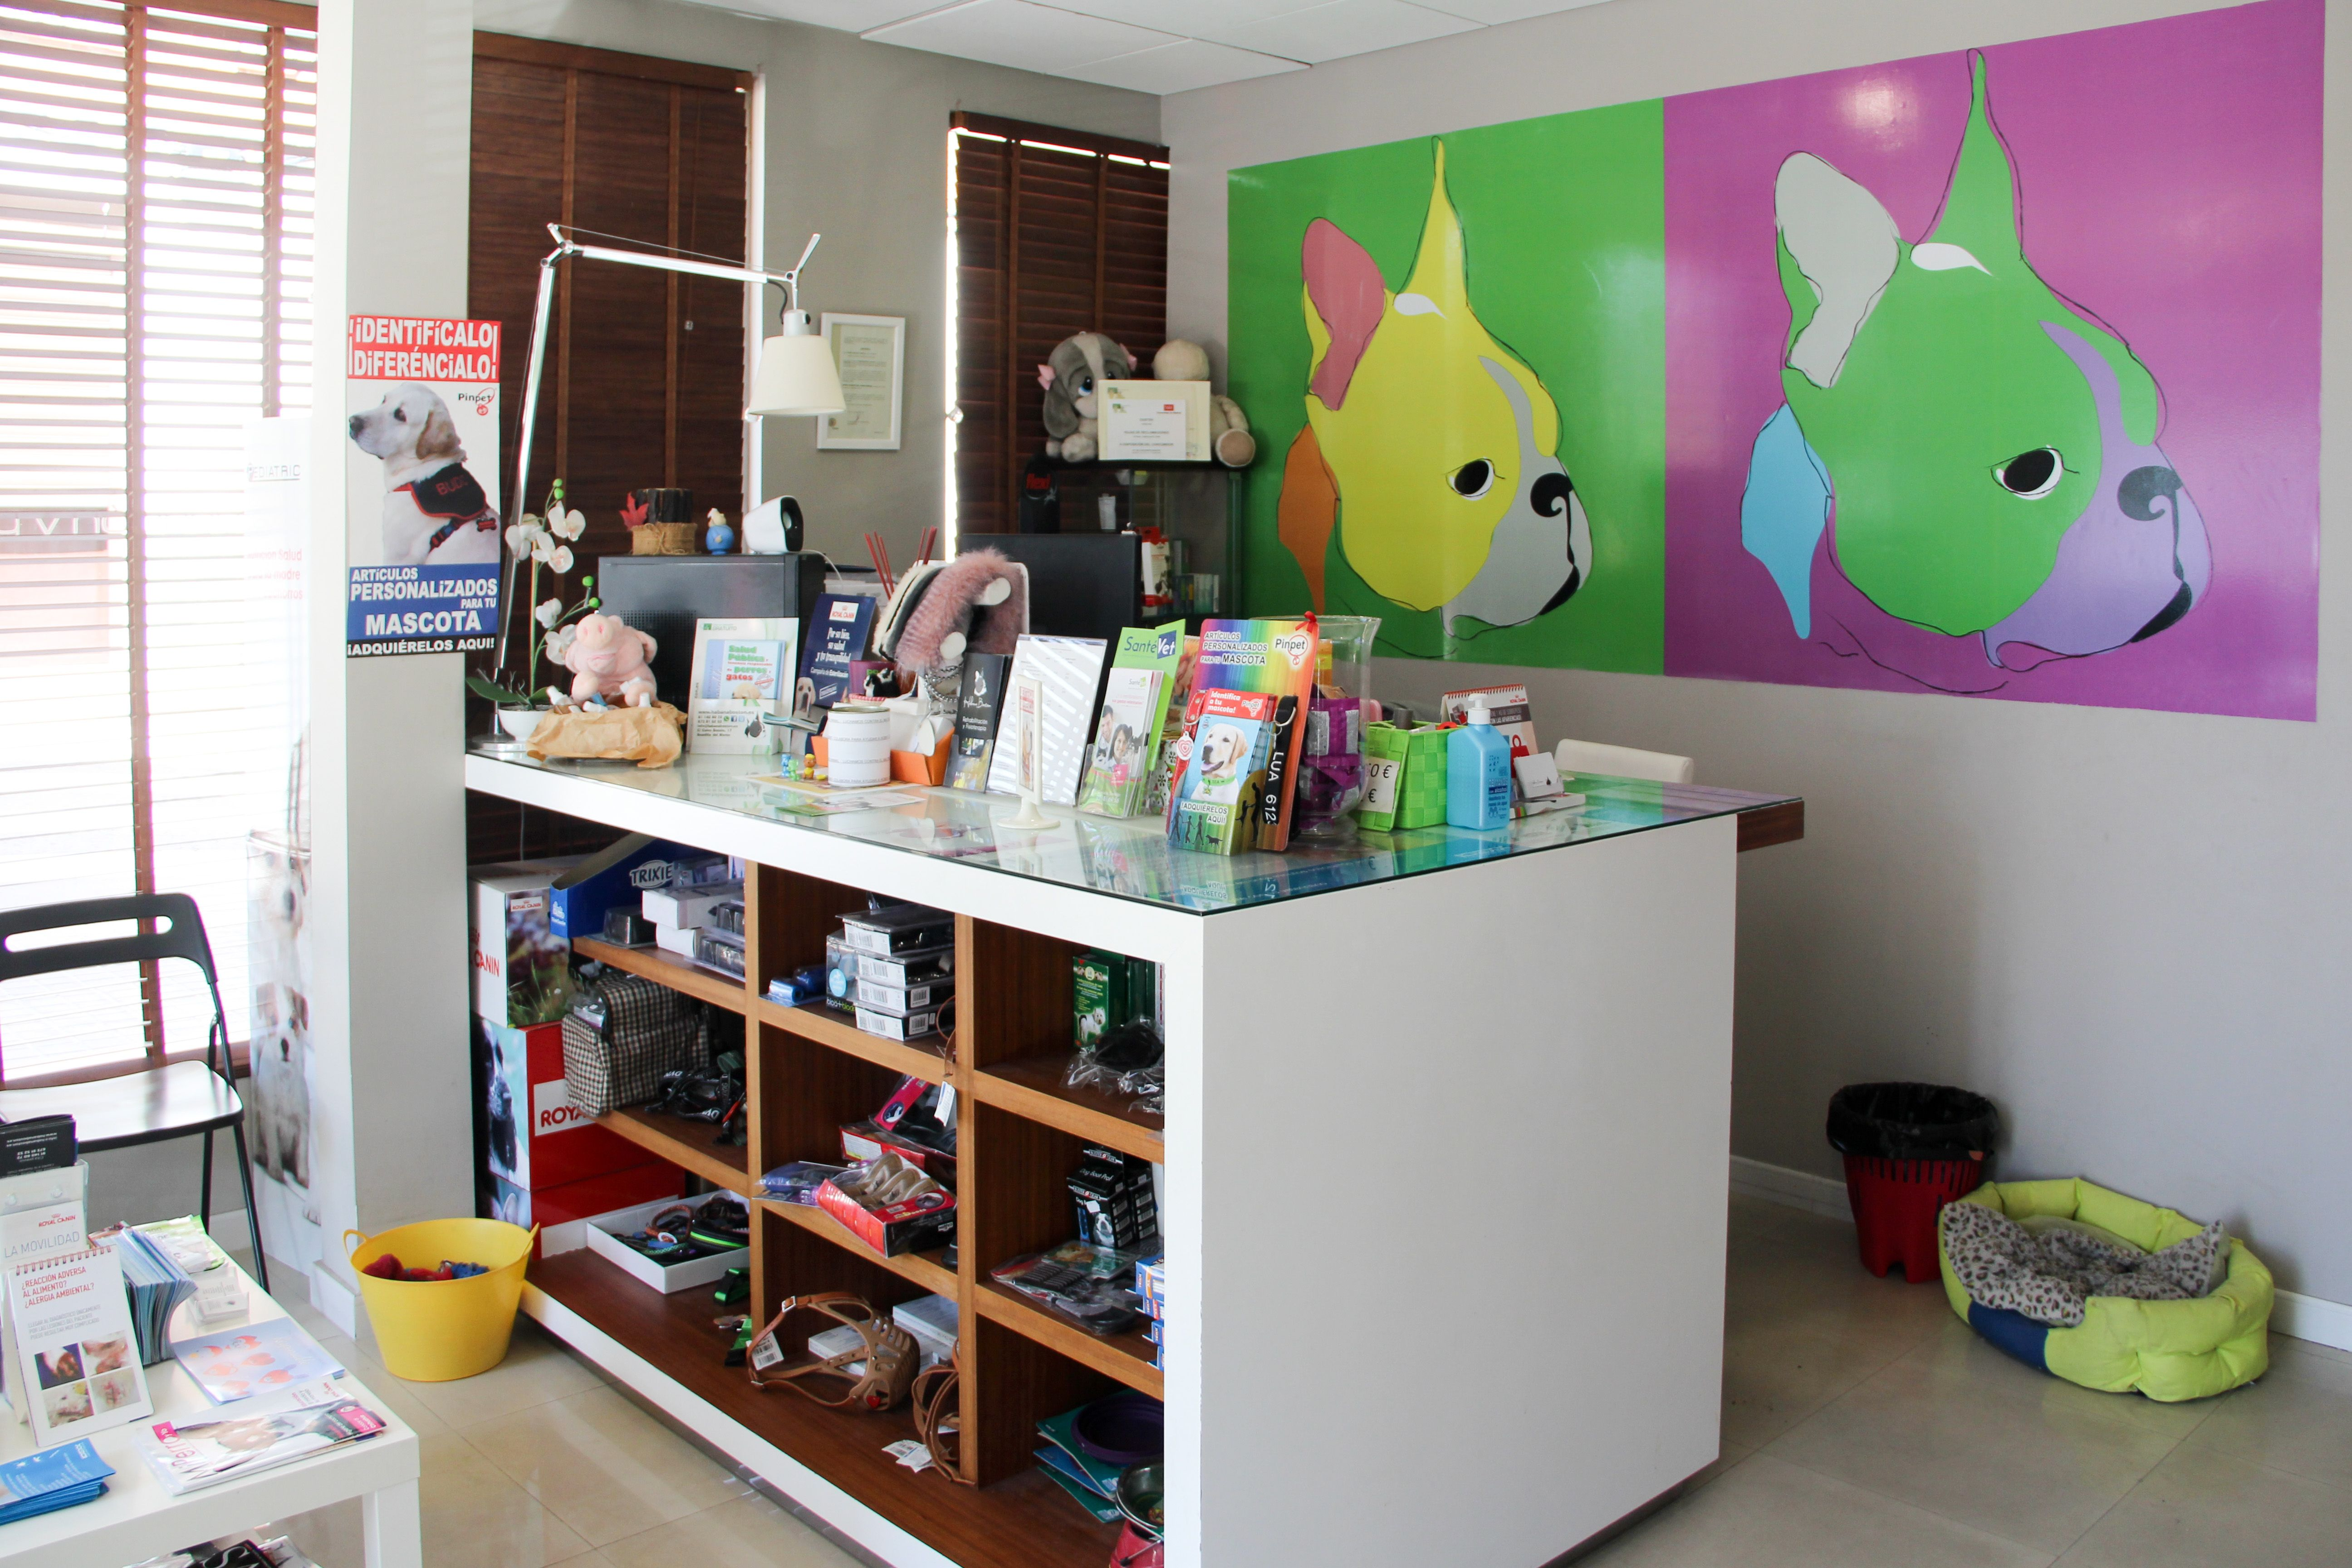 Foto 4 de Clínica veterinaria en Boadilla del Monte | Clínica Veterinaria Habana Boston